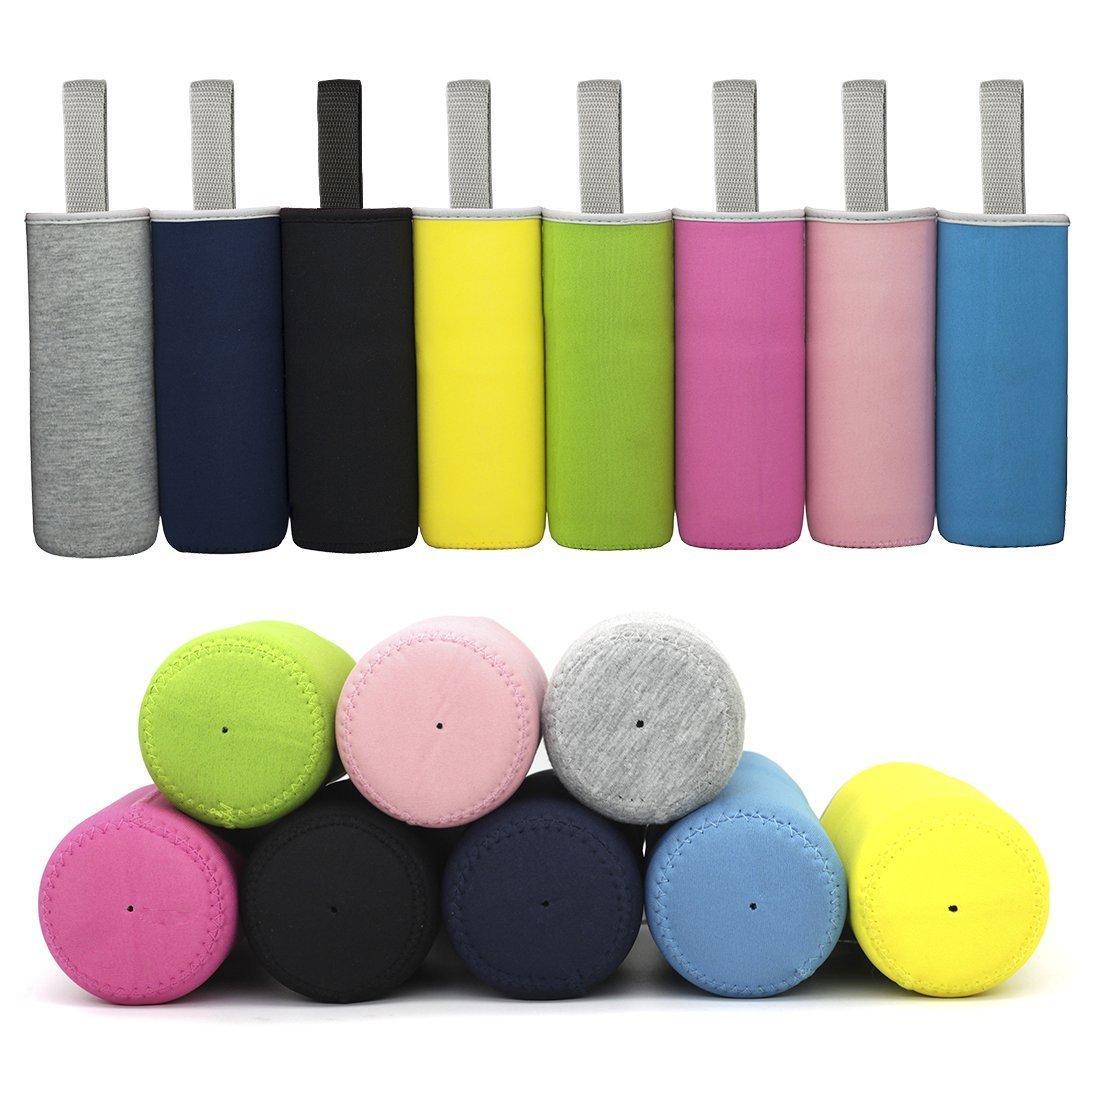 彩印PVC包裝盒 2